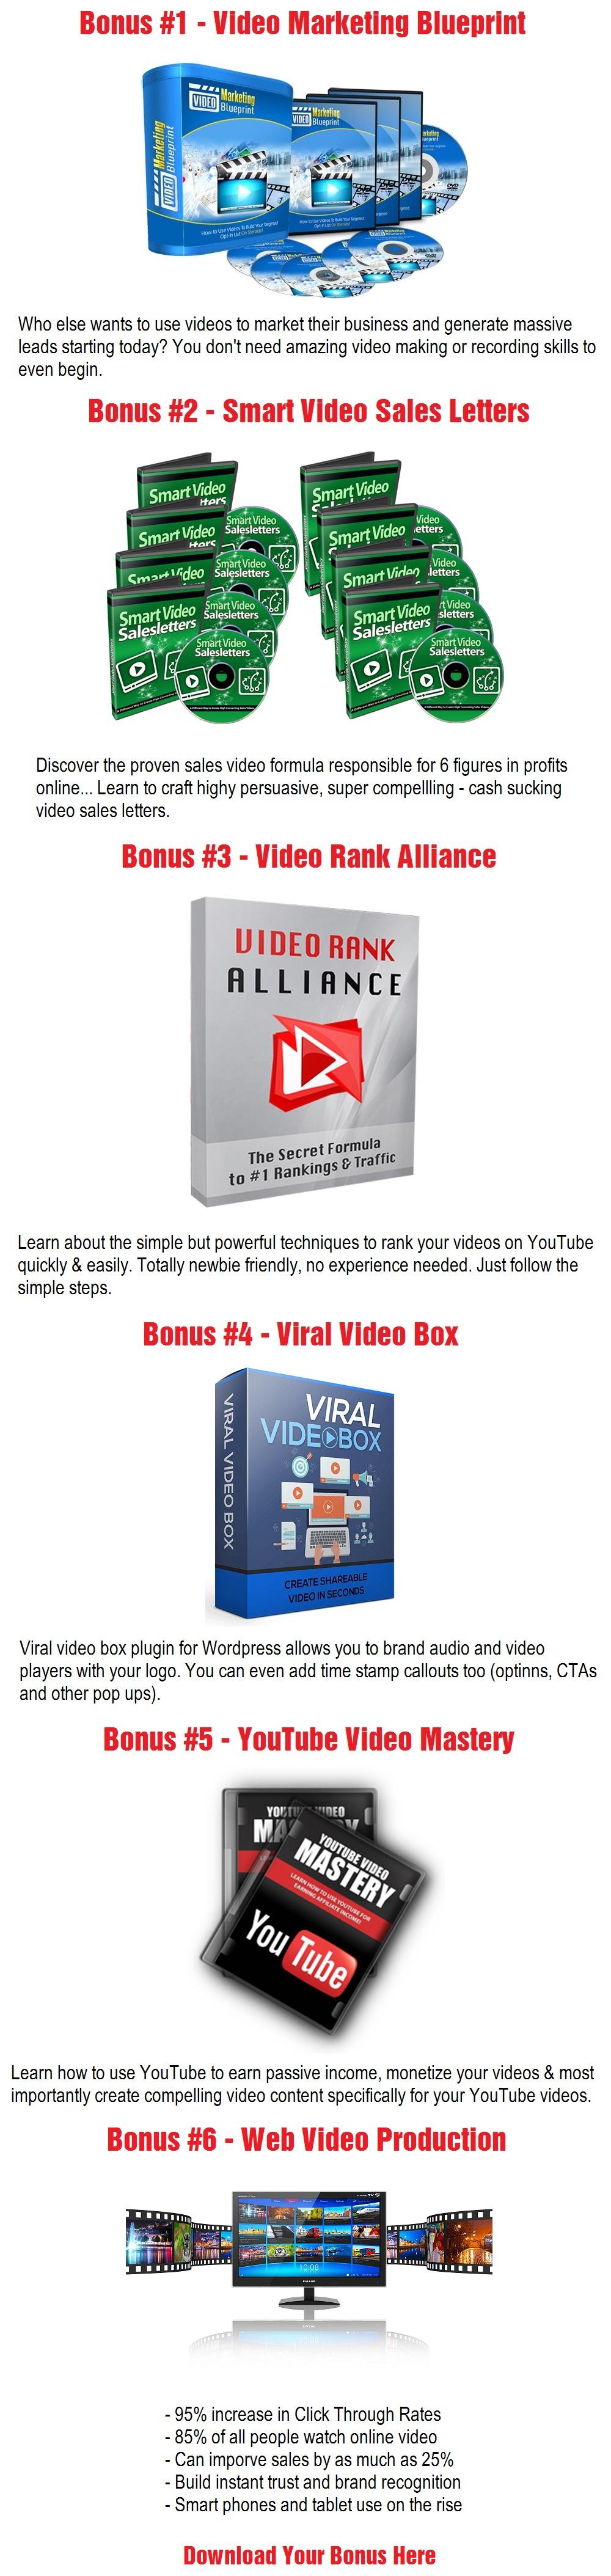 Viddyoze 3.0 Bonus